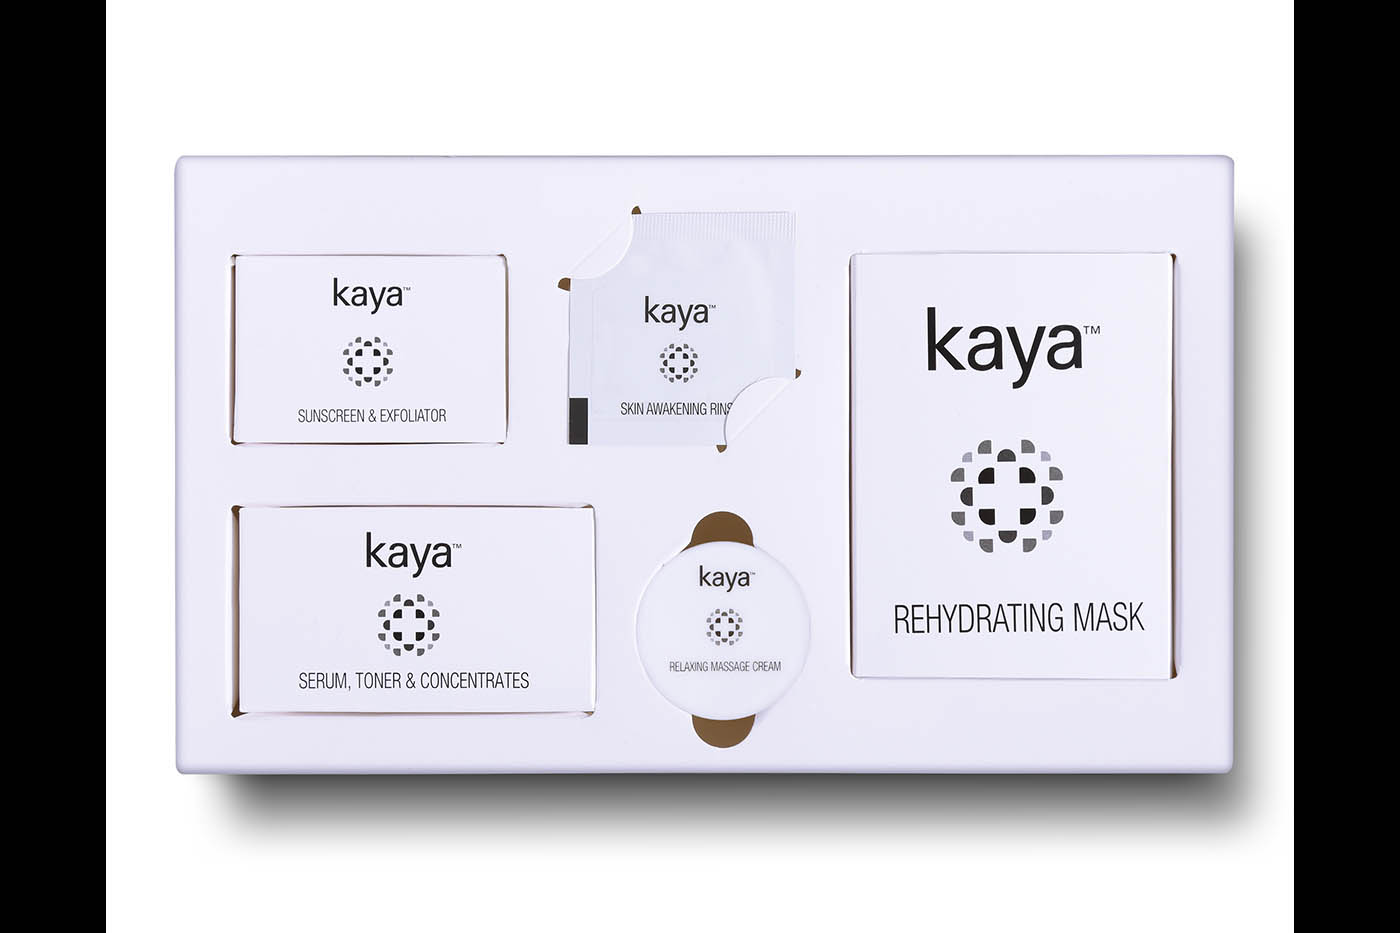 Kaya Clinics launches at-home facial kits